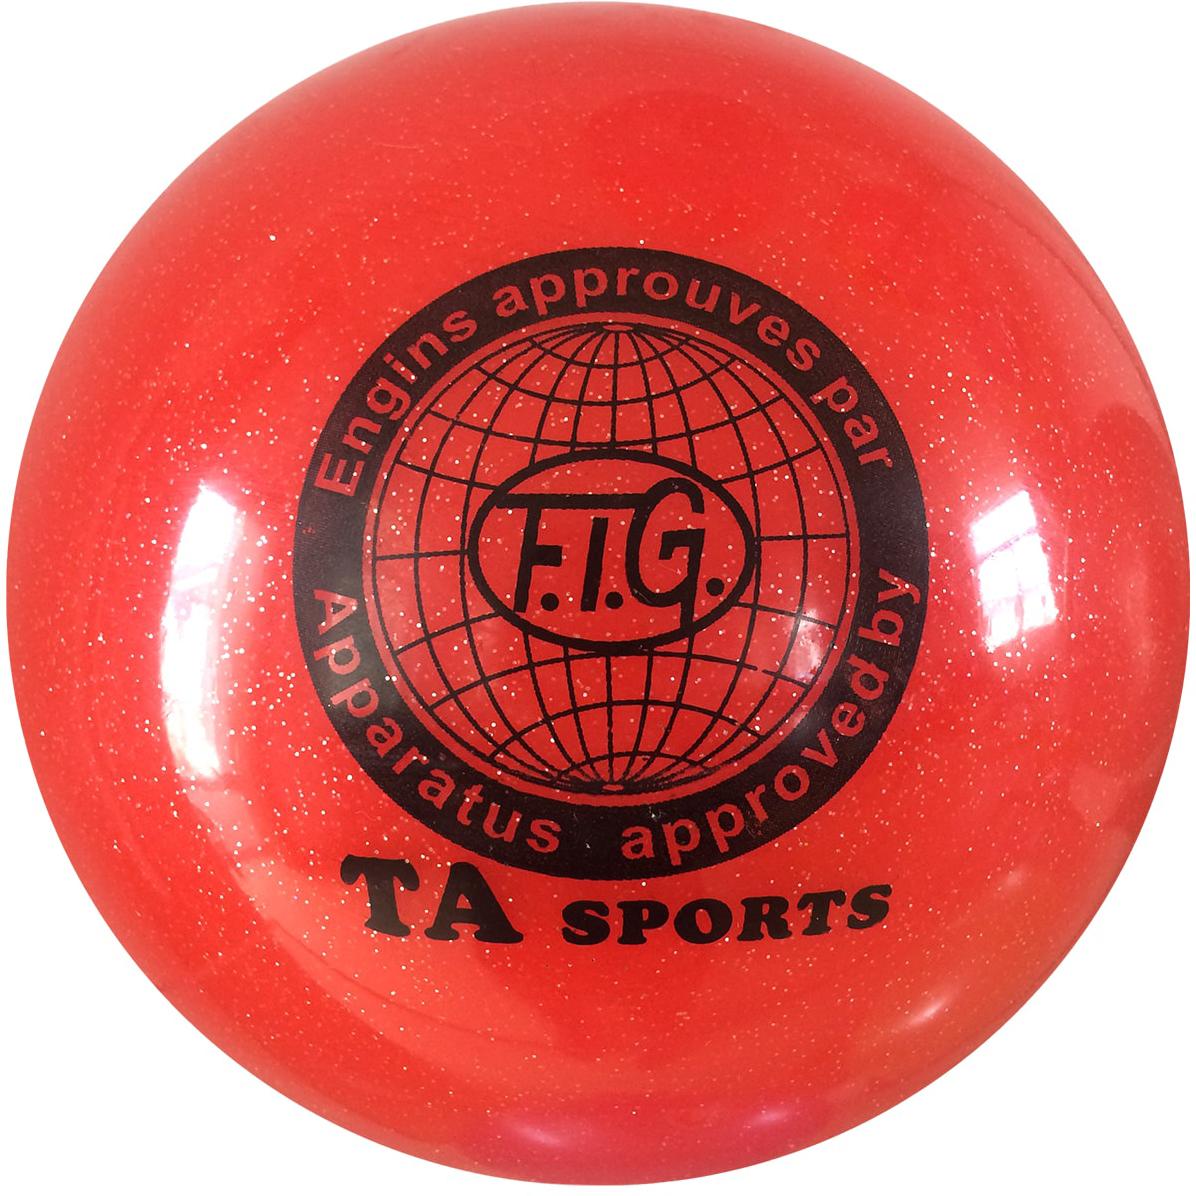 Мяч для художественной гимнастики TA-Sport RGB-102, с блестками, цвет: красный, диаметр 19 см ортопедический мяч для гимнастики в курске